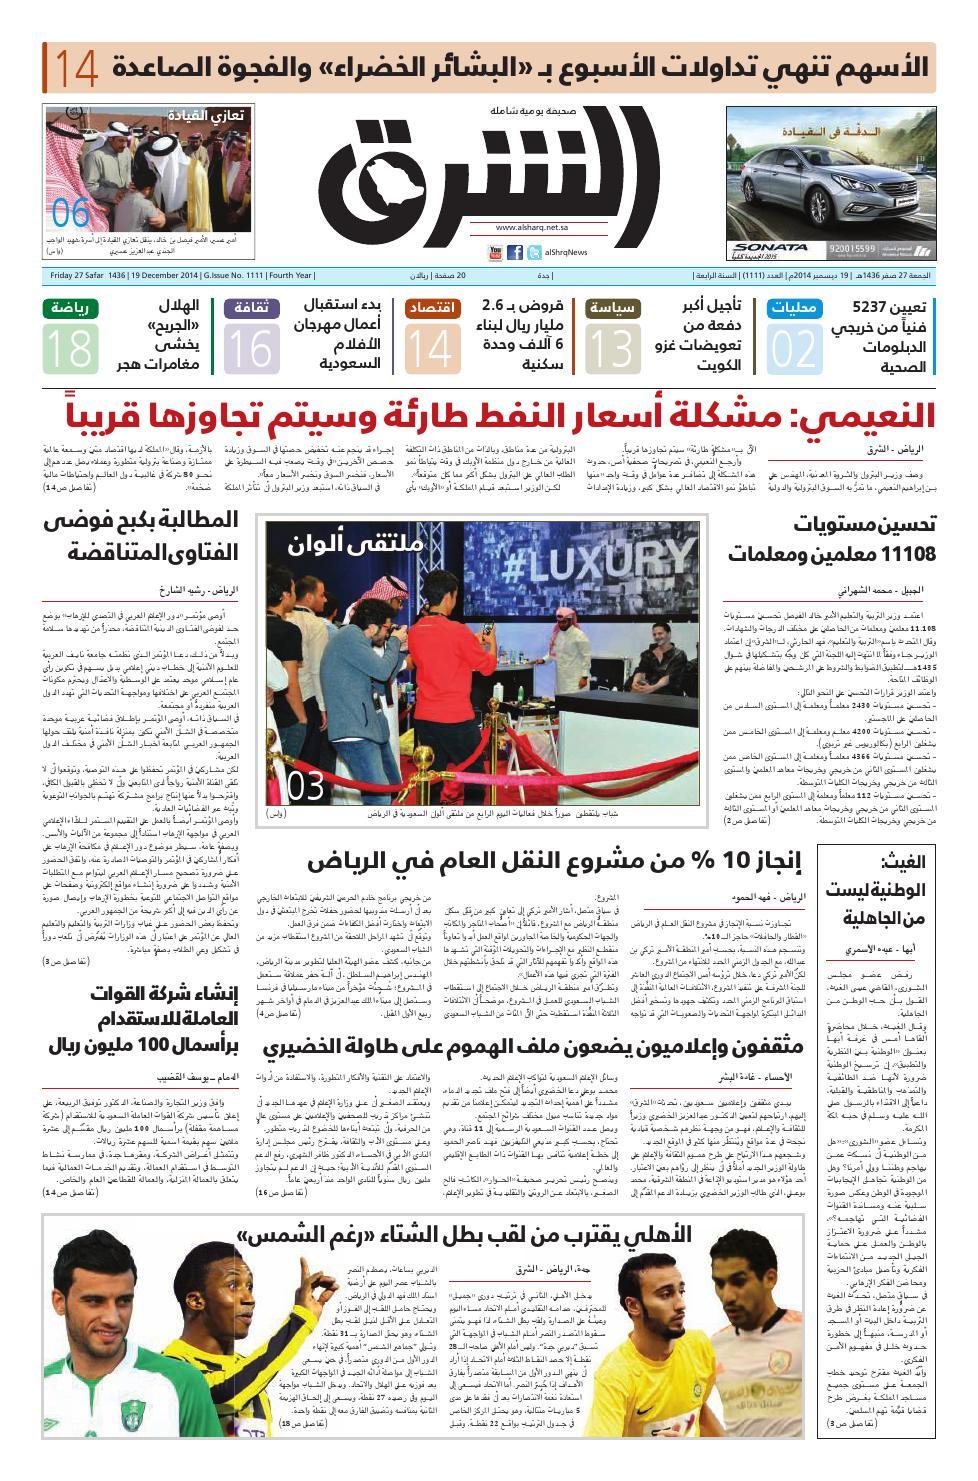 c29cffb25 صحيفة الشرق - العدد 1111 - نسخة جدة by صحيفة الشرق السعودية - issuu